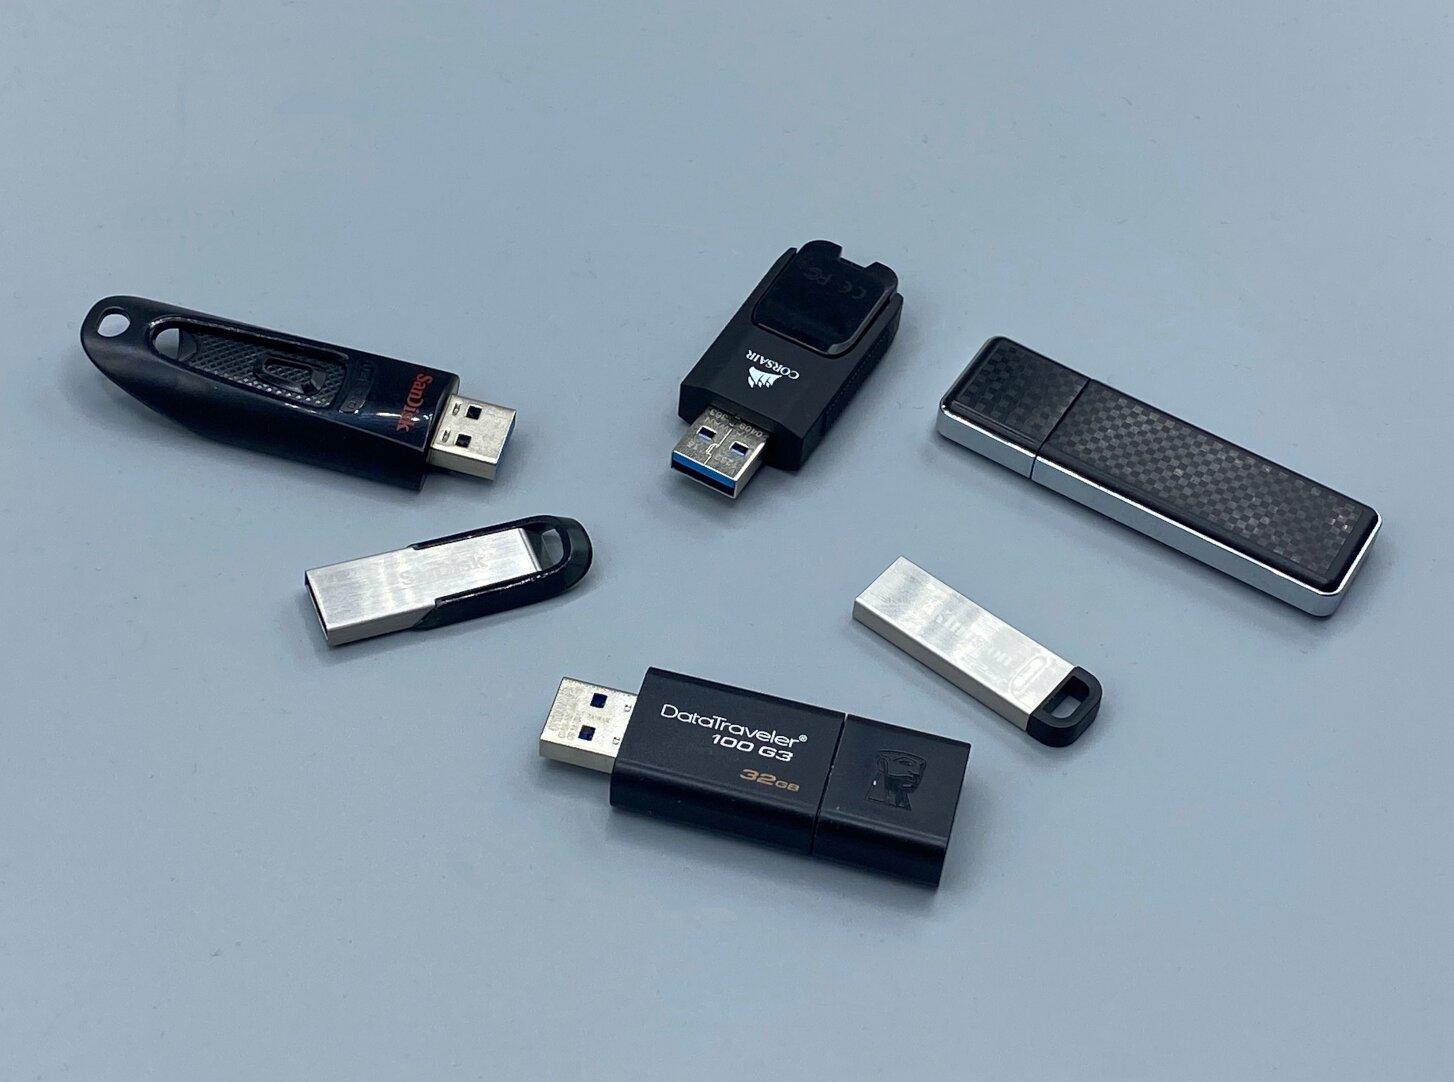 Débits des clés USB : les constructeurs continuent de se moquer du monde